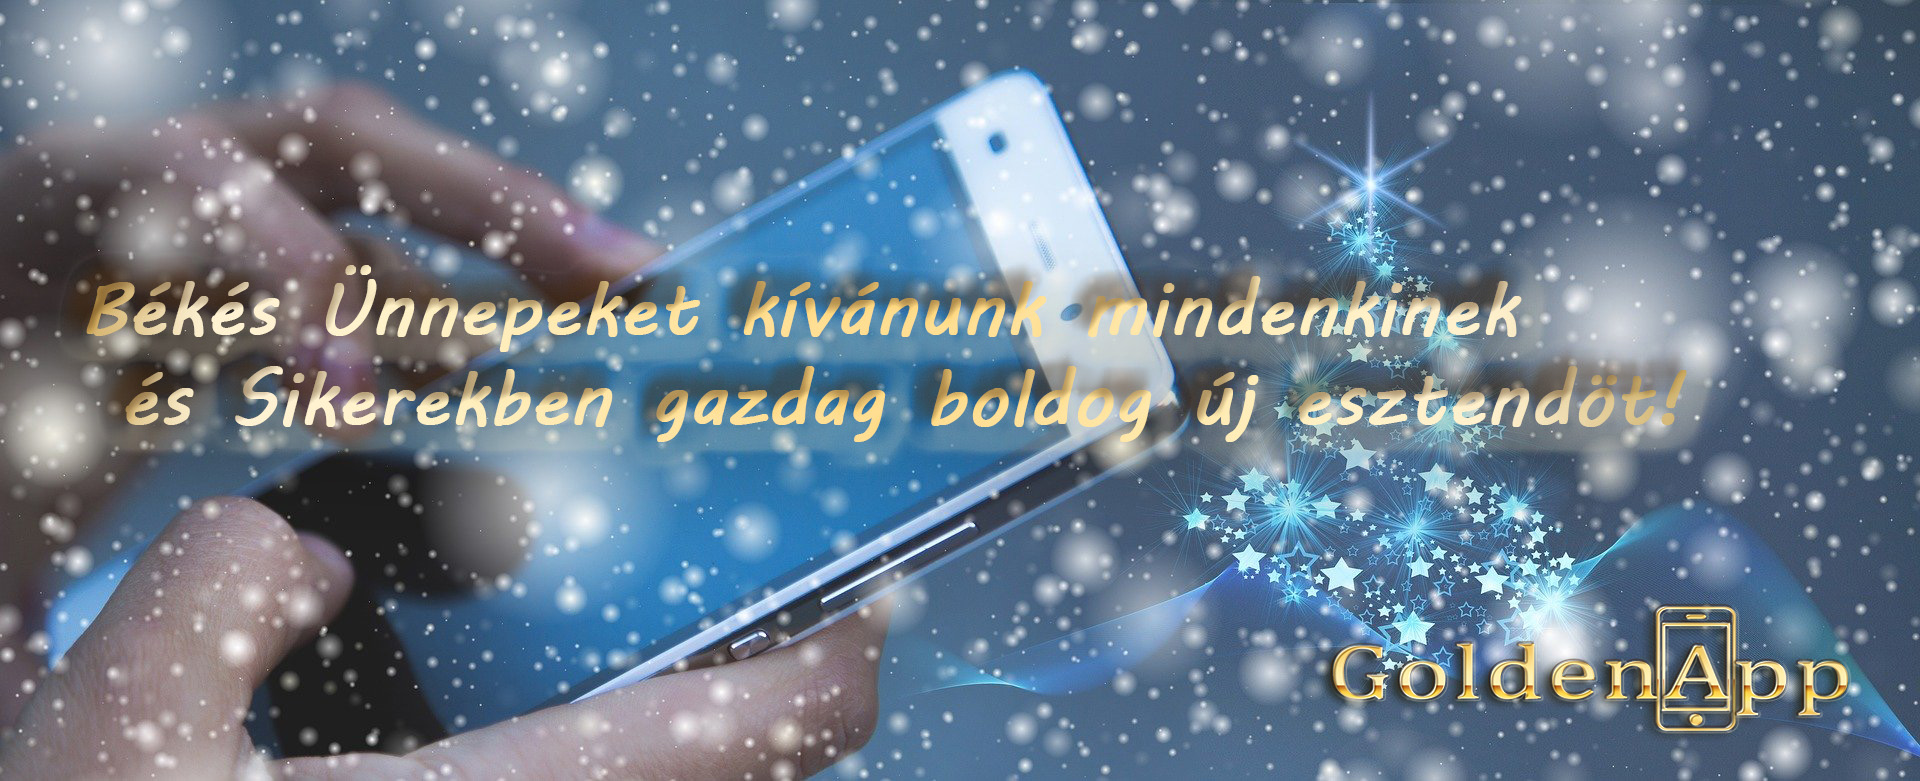 Békés Ünnepeket kívánunk mindenkinek és Sikerekben gazdag boldog új esztendöt!